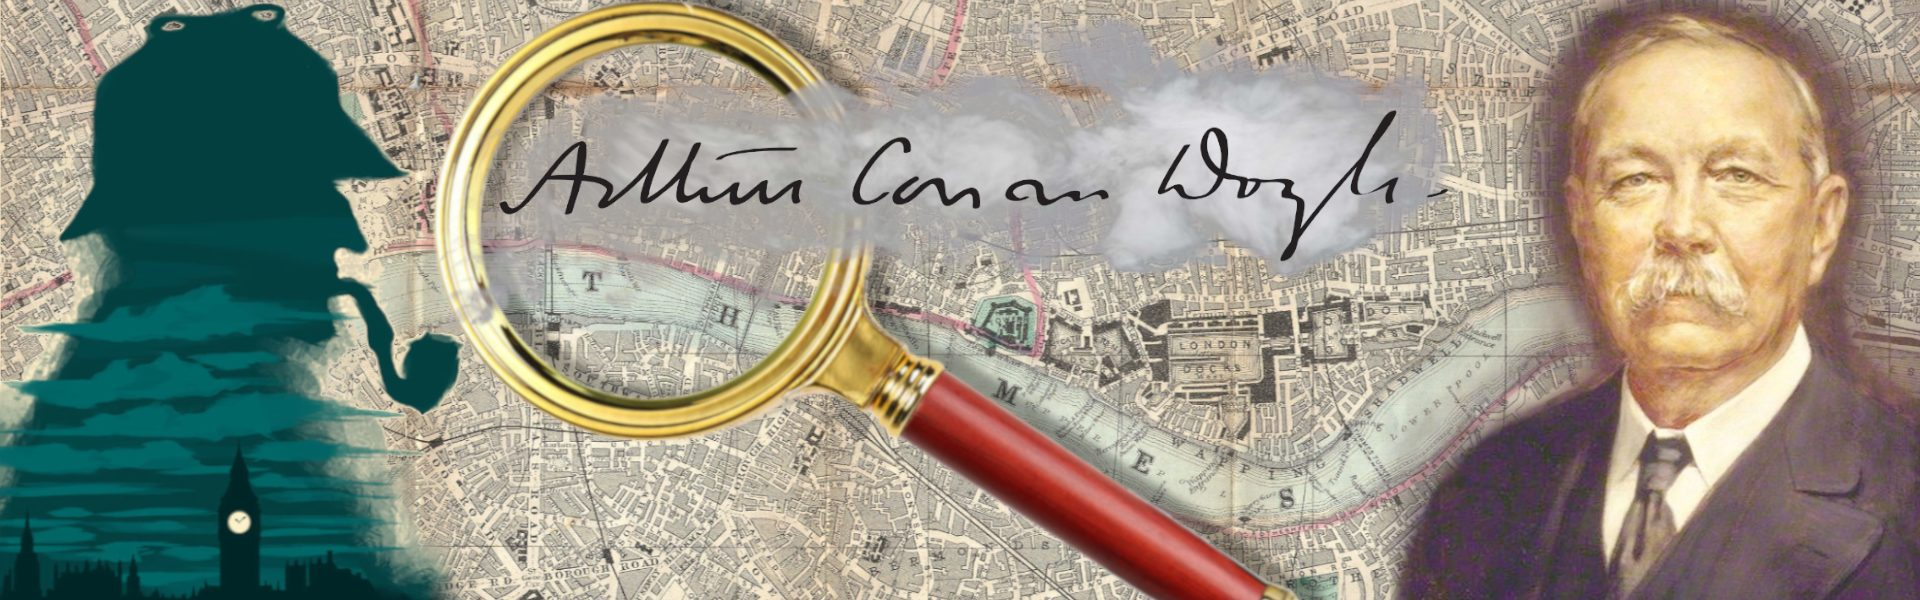 Gli audiolibri Arthur Conan Doyle